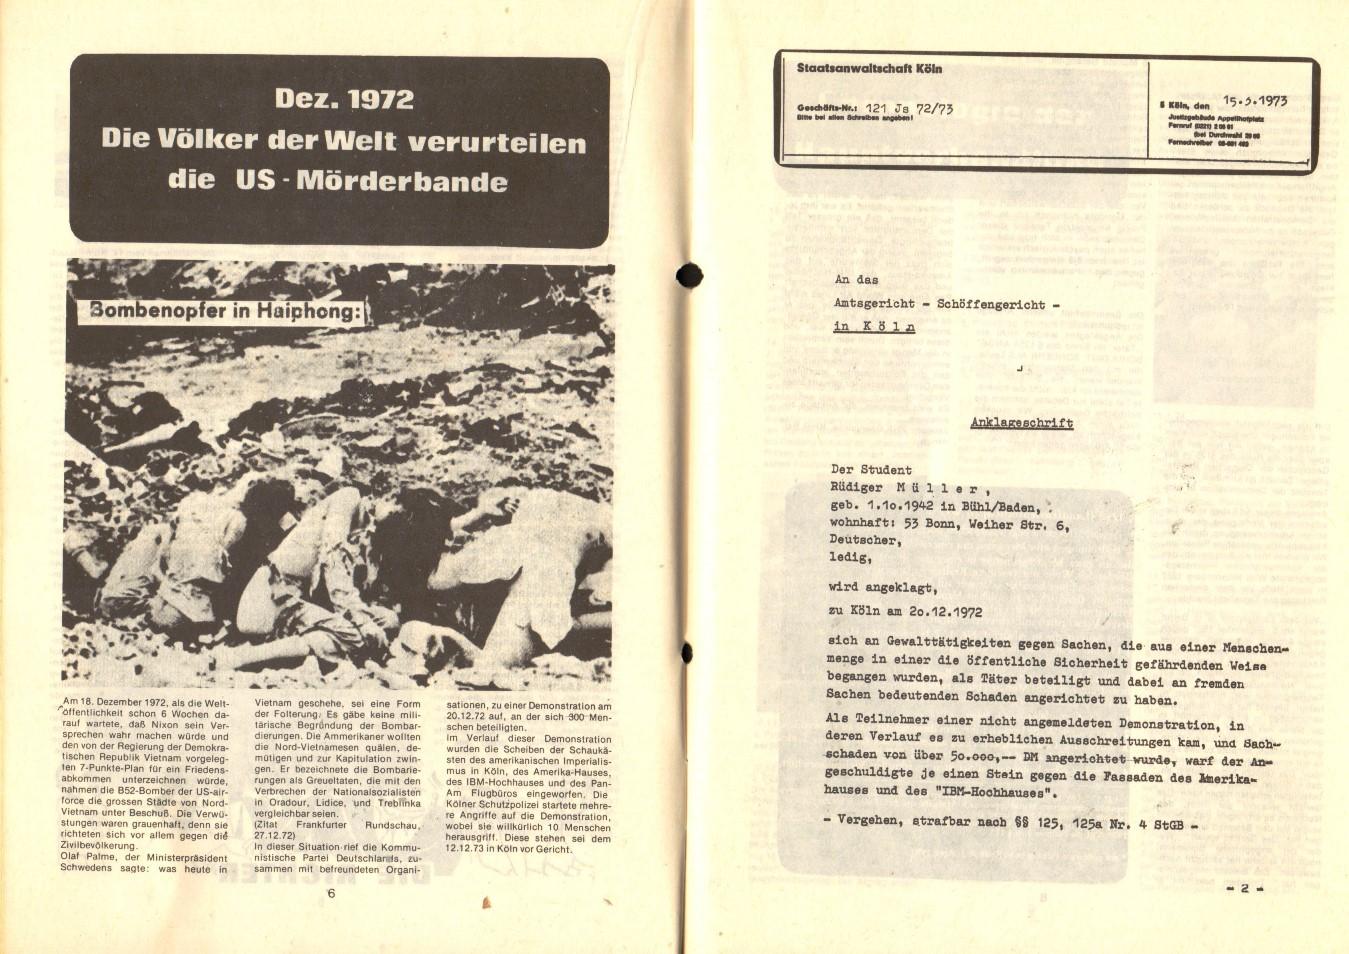 Koeln_RHeV_1975_Der_Koelner_Vietnamprozess_06